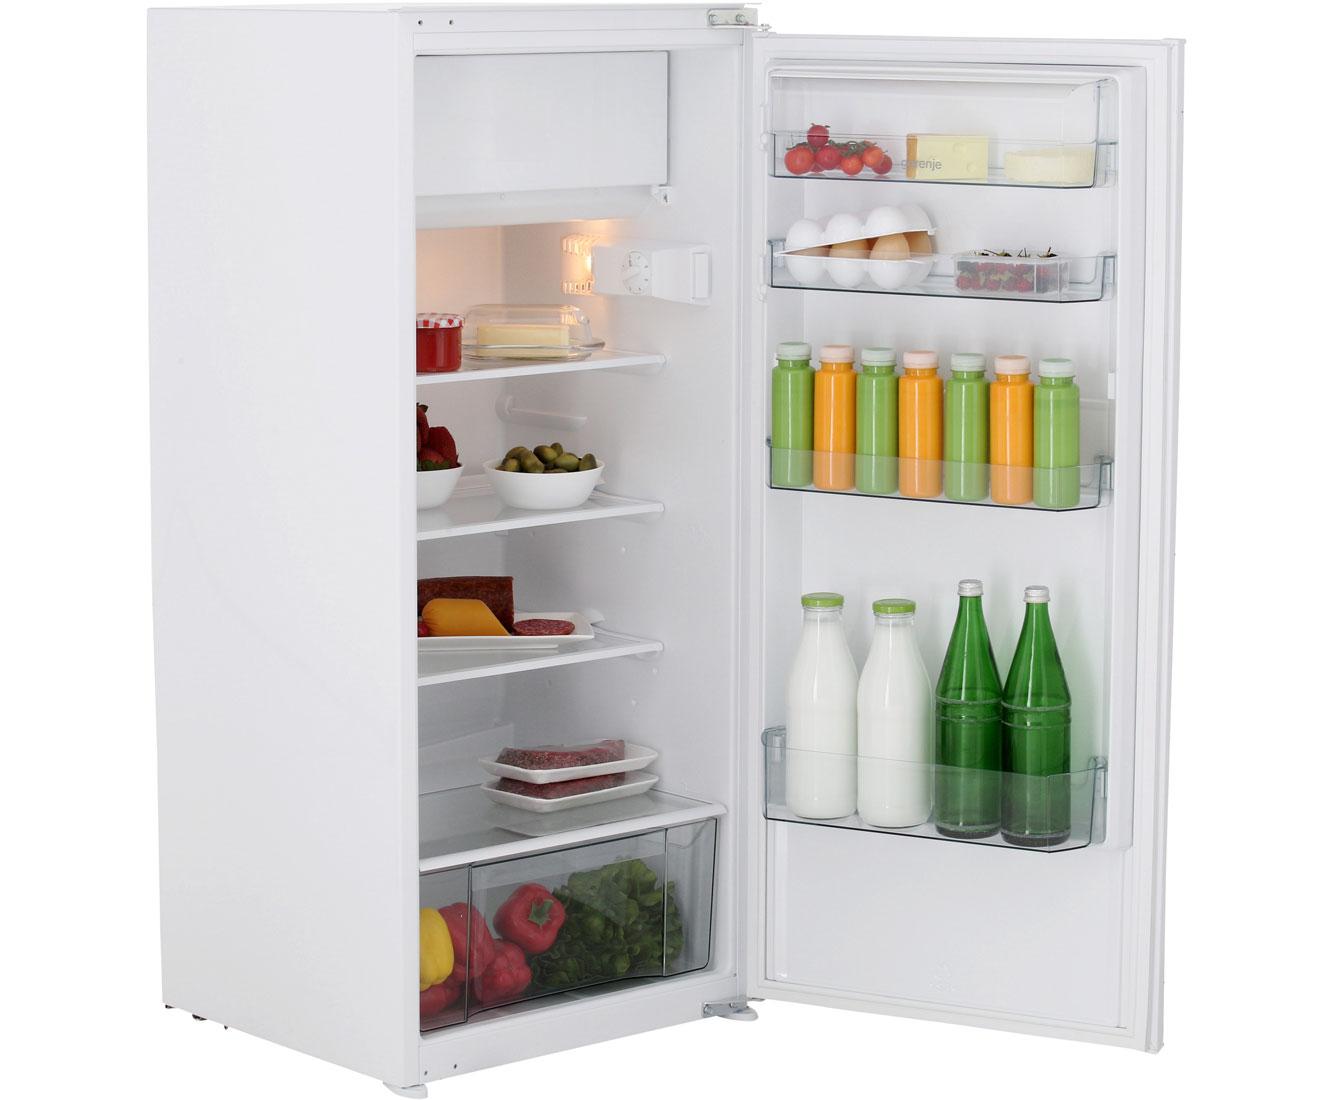 Smeg Kühlschrank Reduziert : Gorenje kühlschrank retro alarm kühlschrank retro preisvergleich